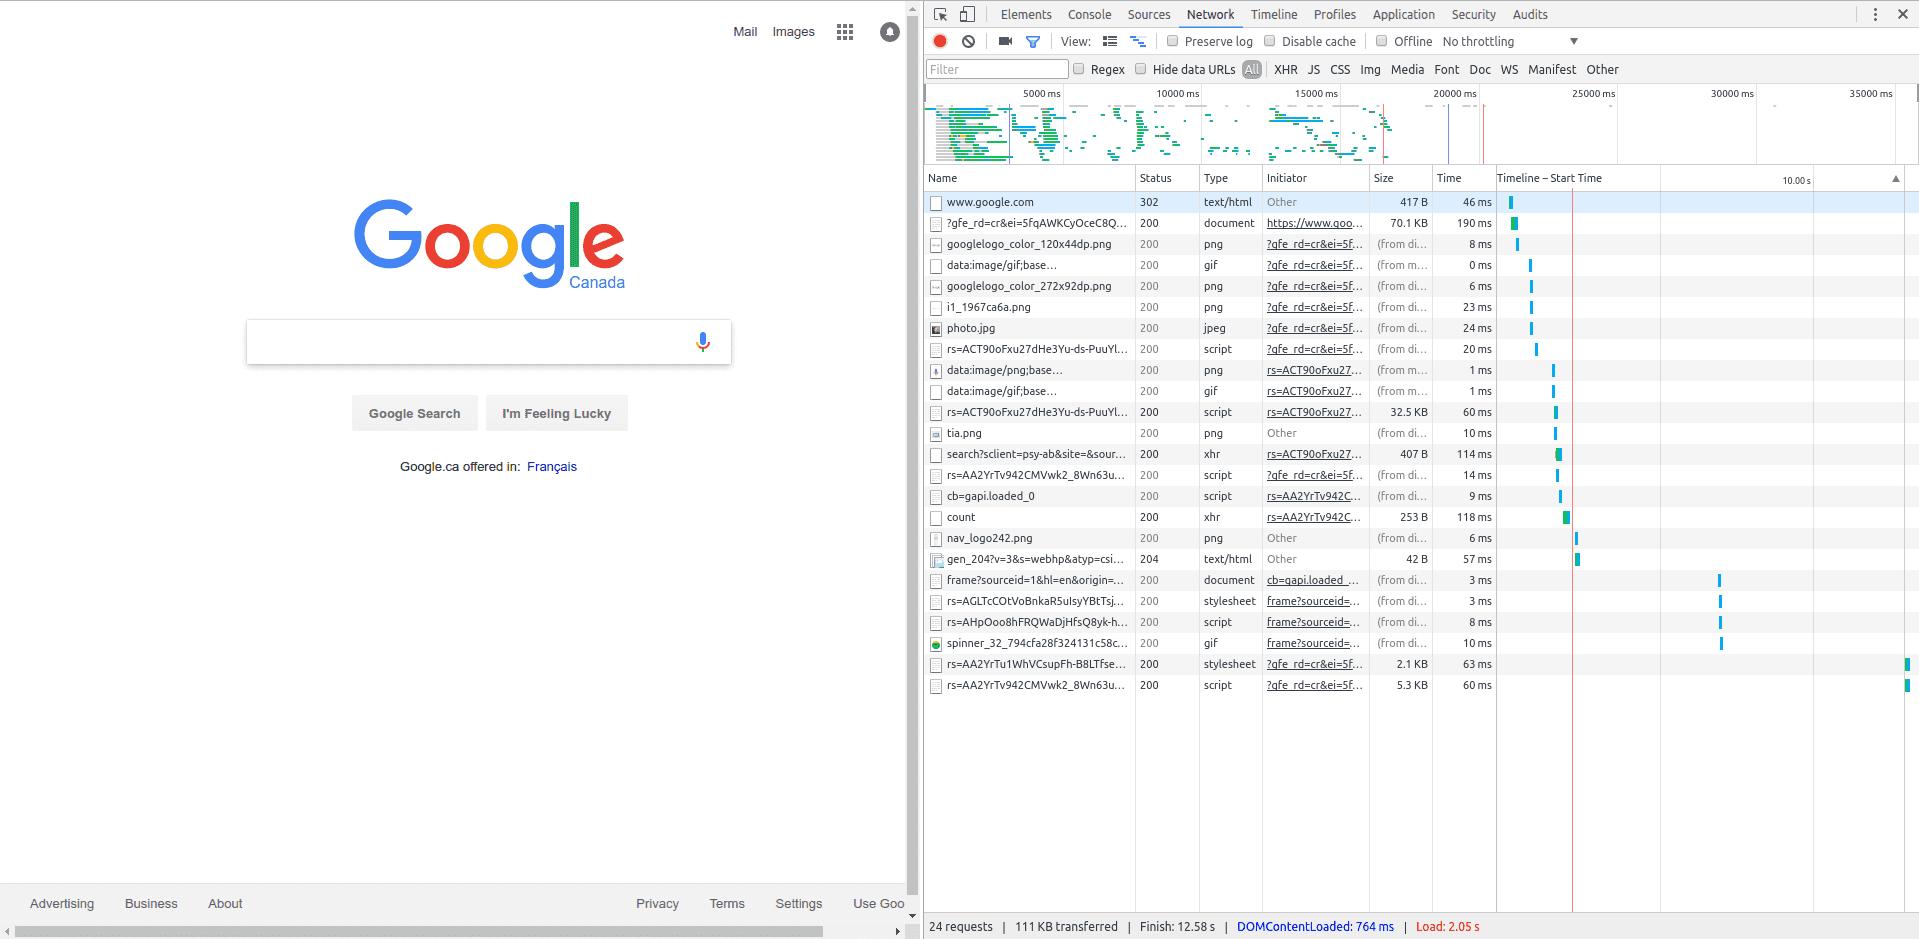 Ci-illustré l'ensemble des ressources envoyées au navigateur lors du chargement d'une page simple comme la page d'accueil de Google.